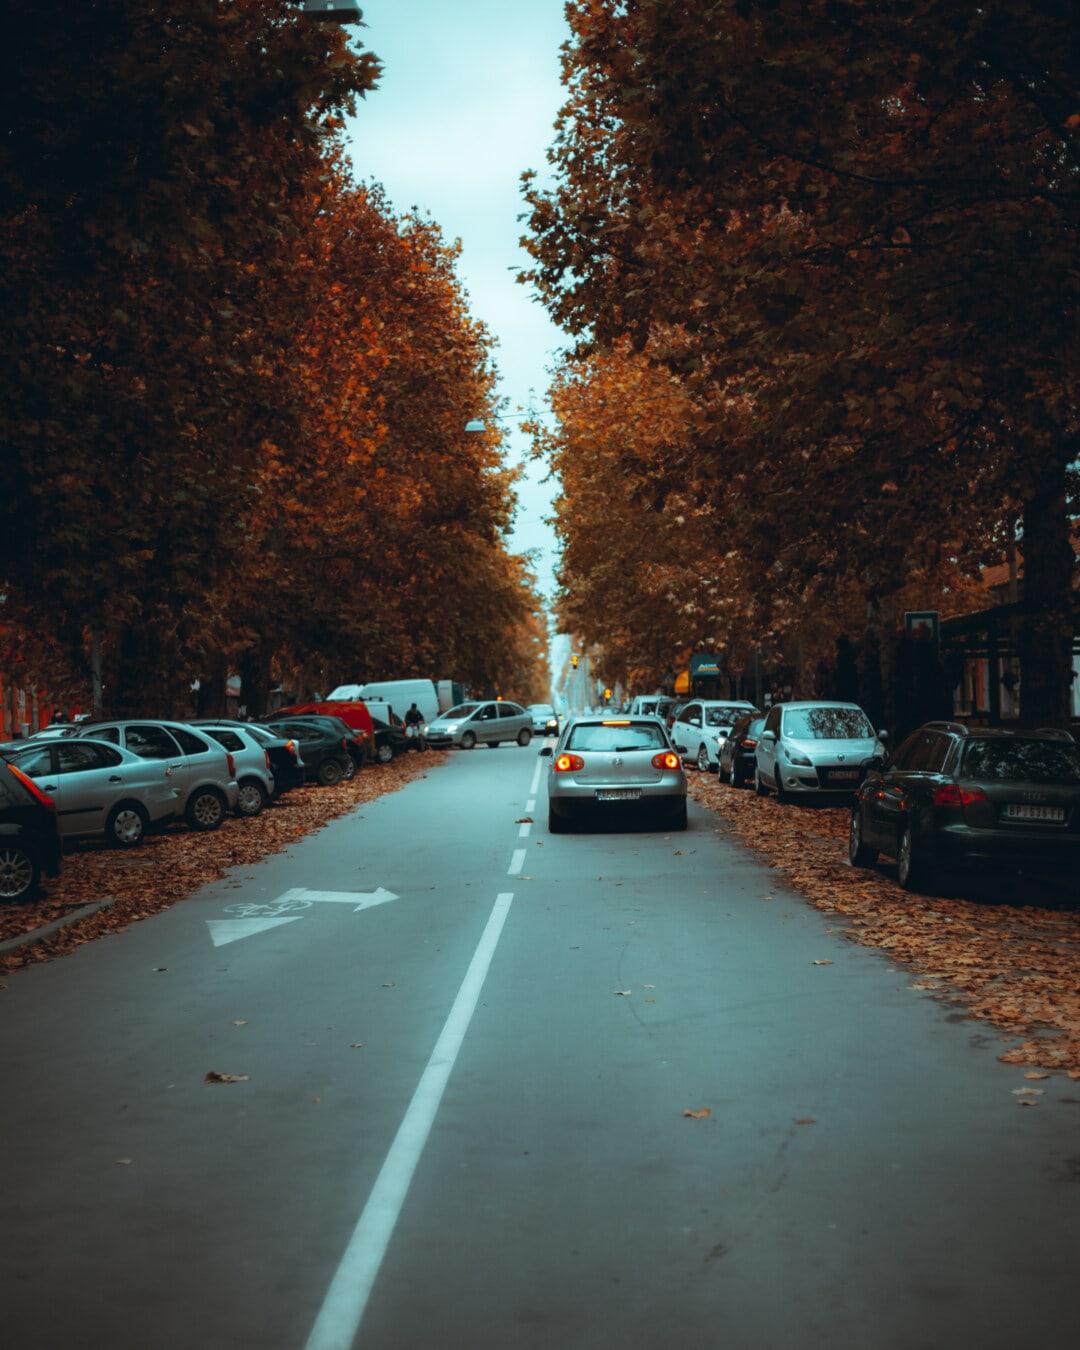 Autos, Stadtregion, Straße, Parken, Herbst, Parkplatz, Bürgersteig, Auto, Straße, Verkehr